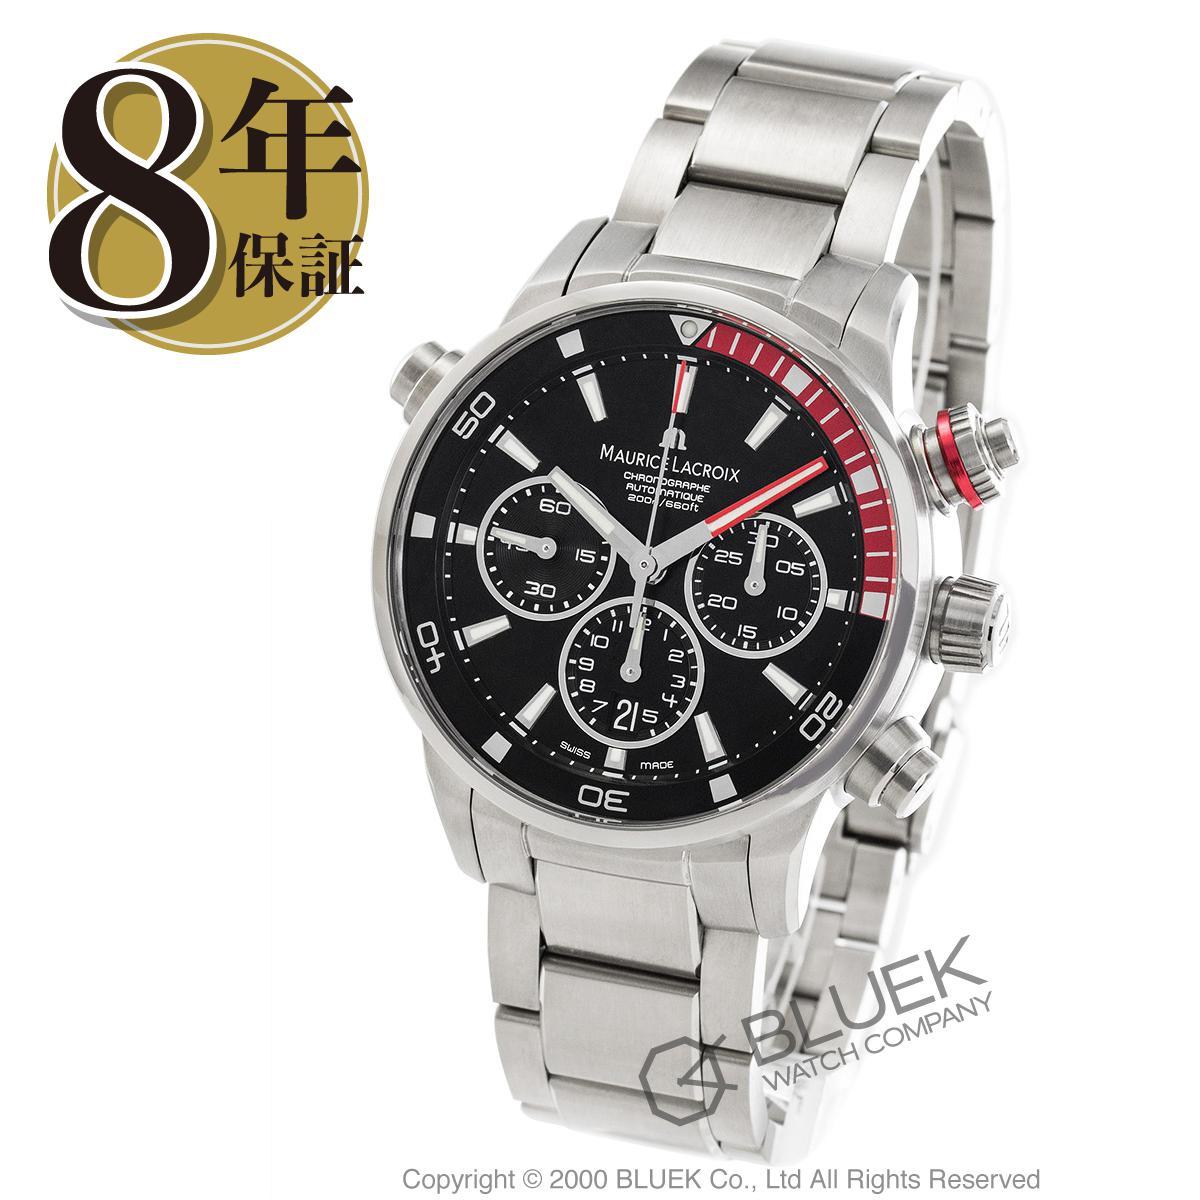 モーリス・ラクロア ポントスS クロノグラフ 替えベルト付き 腕時計 メンズ MAURICE LACROIX PT6018-SS002-330_8